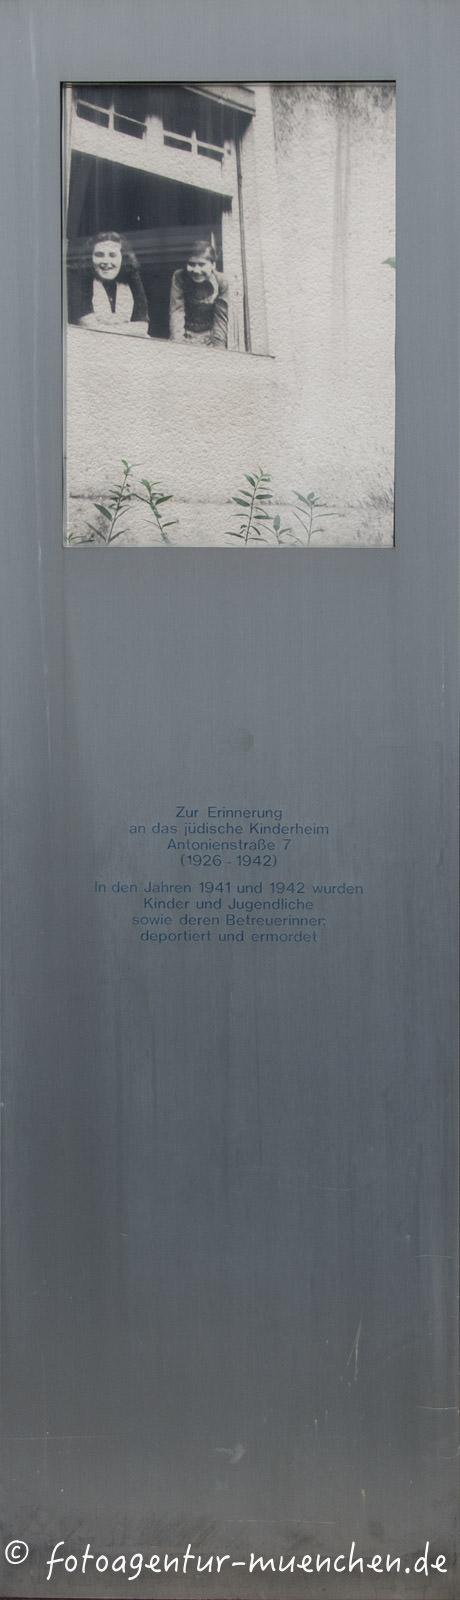 Gedenktafel - Antonienheim